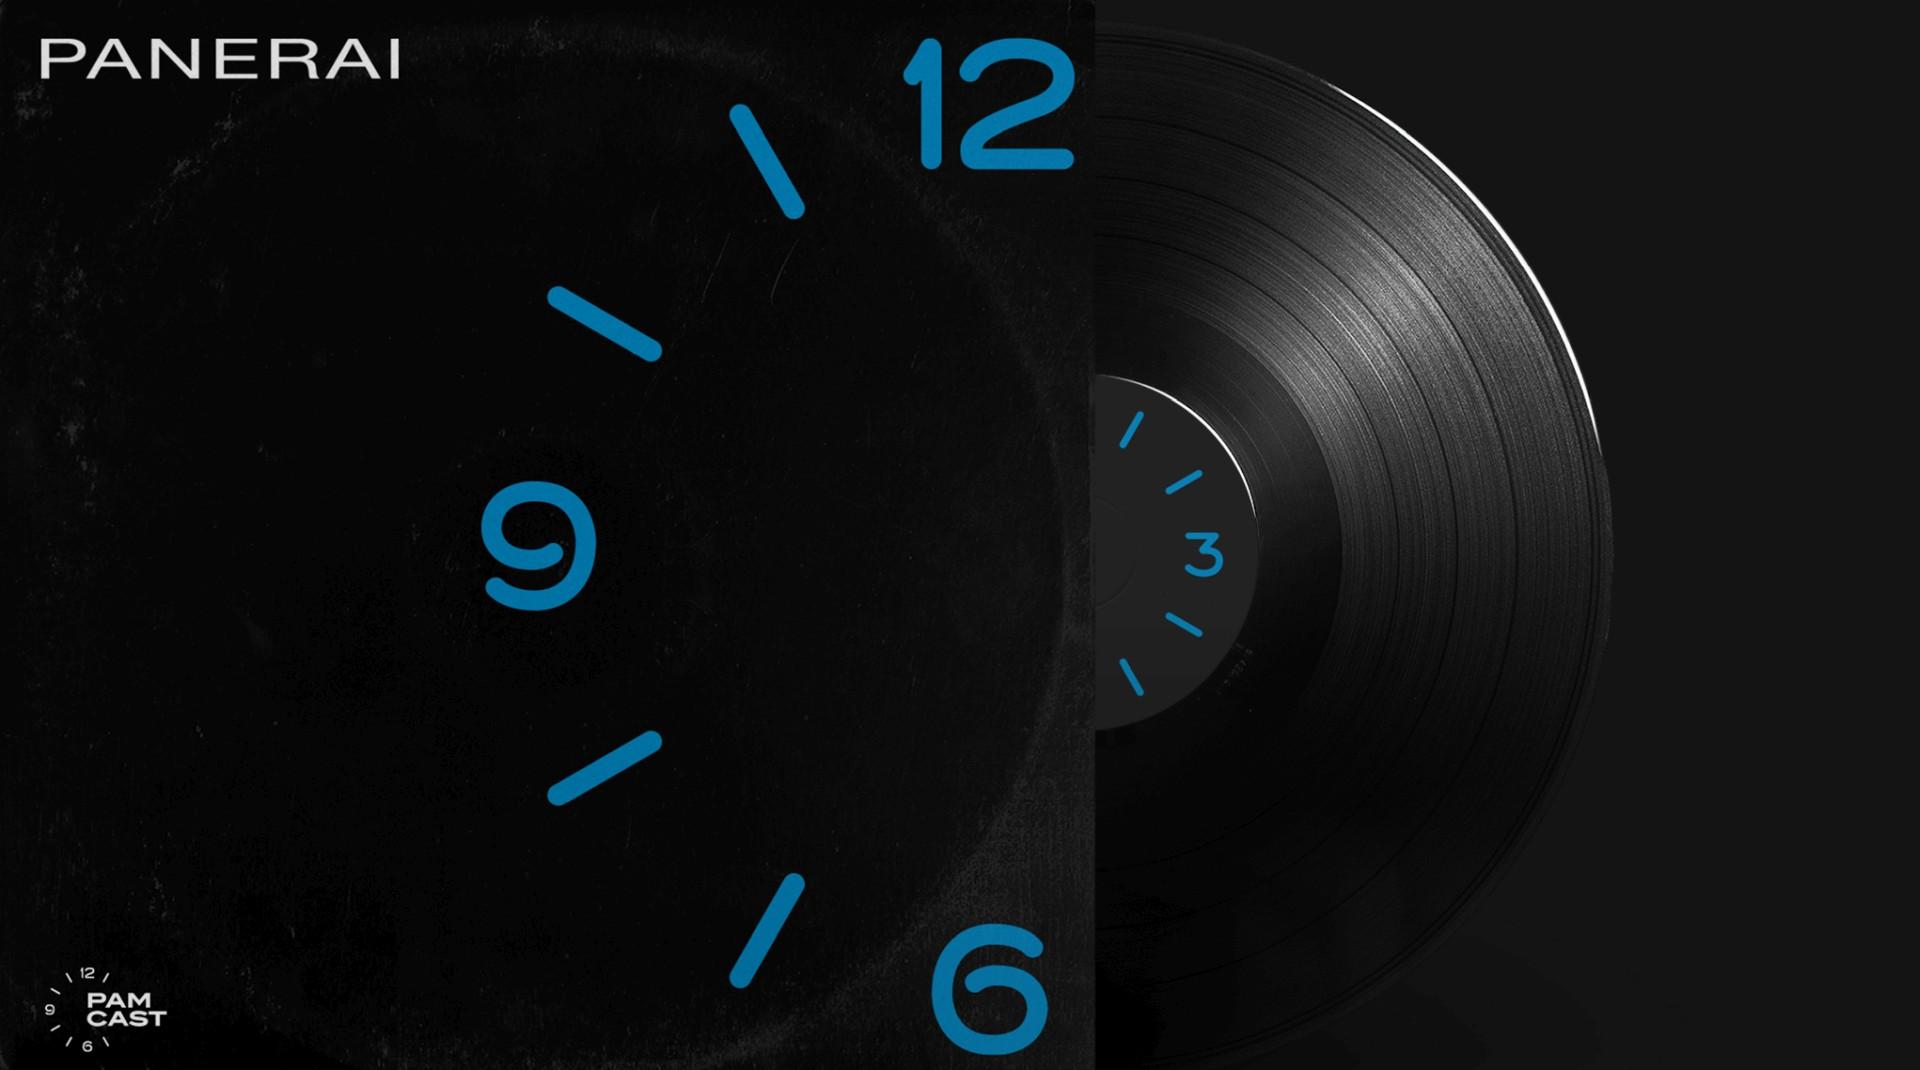 嶄新的行銷手法:沛納海宣布在音樂串流平台Spotify開設專屬品牌頻道